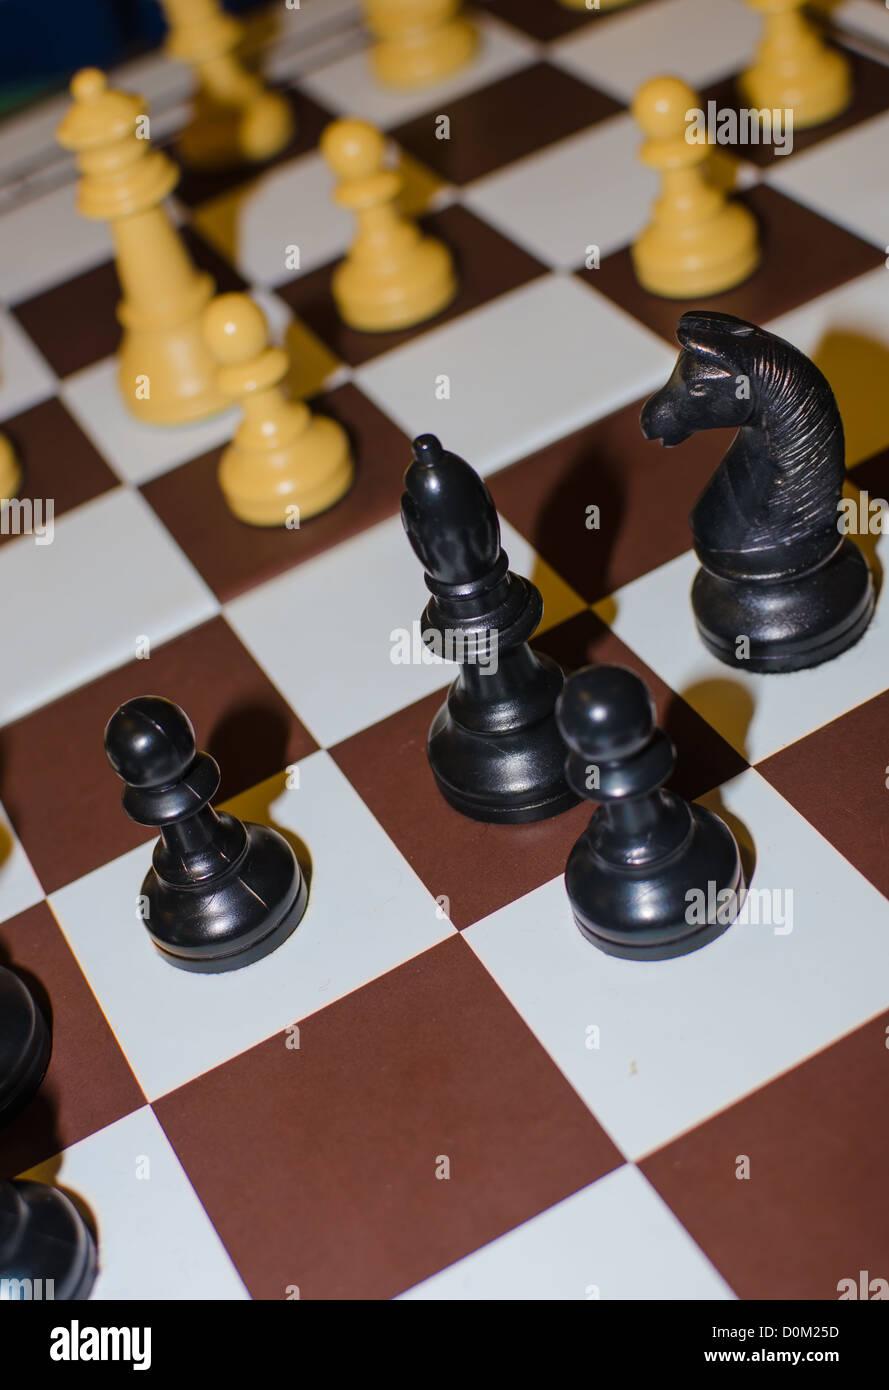 Detail von einem Schachbrett Stockbild